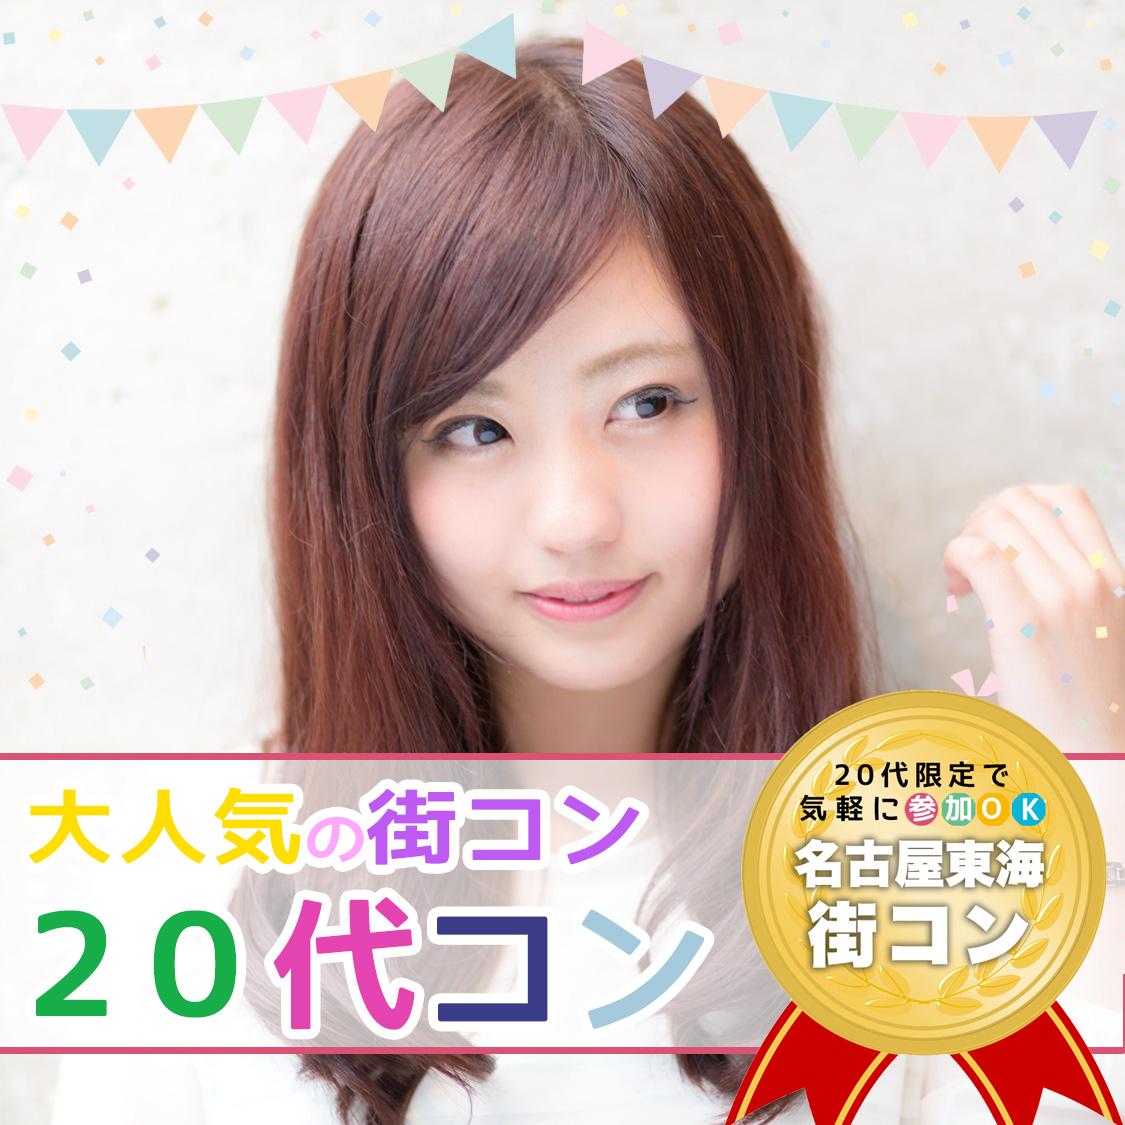 街コン,若い,笑笑 熊本銀座通り店,熊本